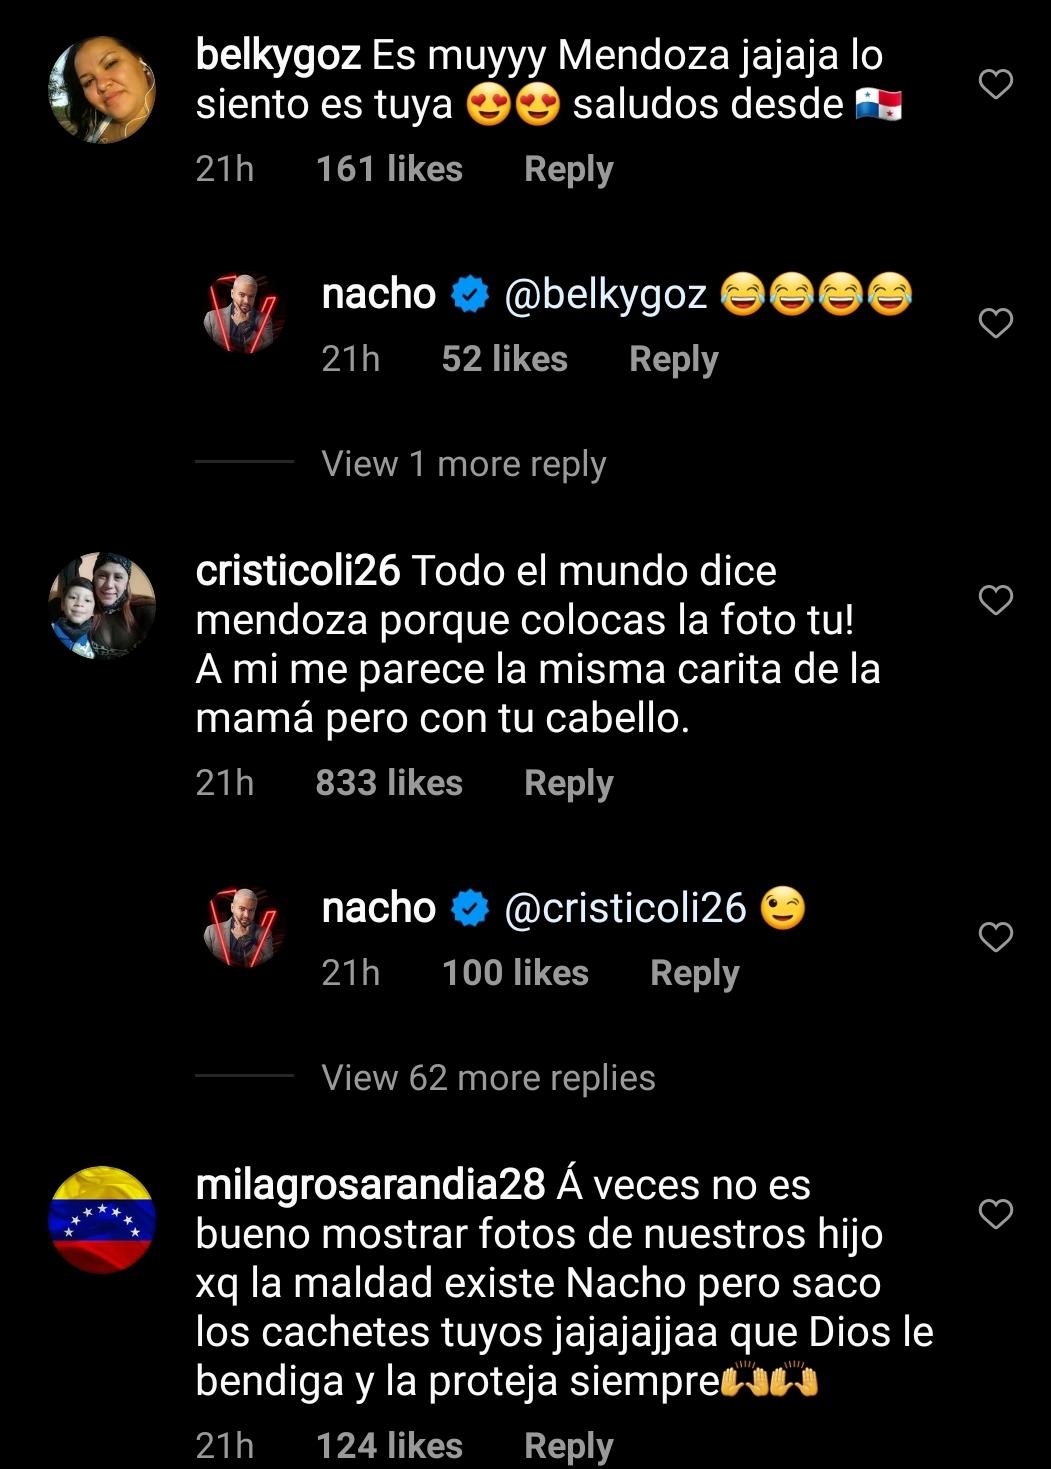 Comentarios a Nacho Mendoza